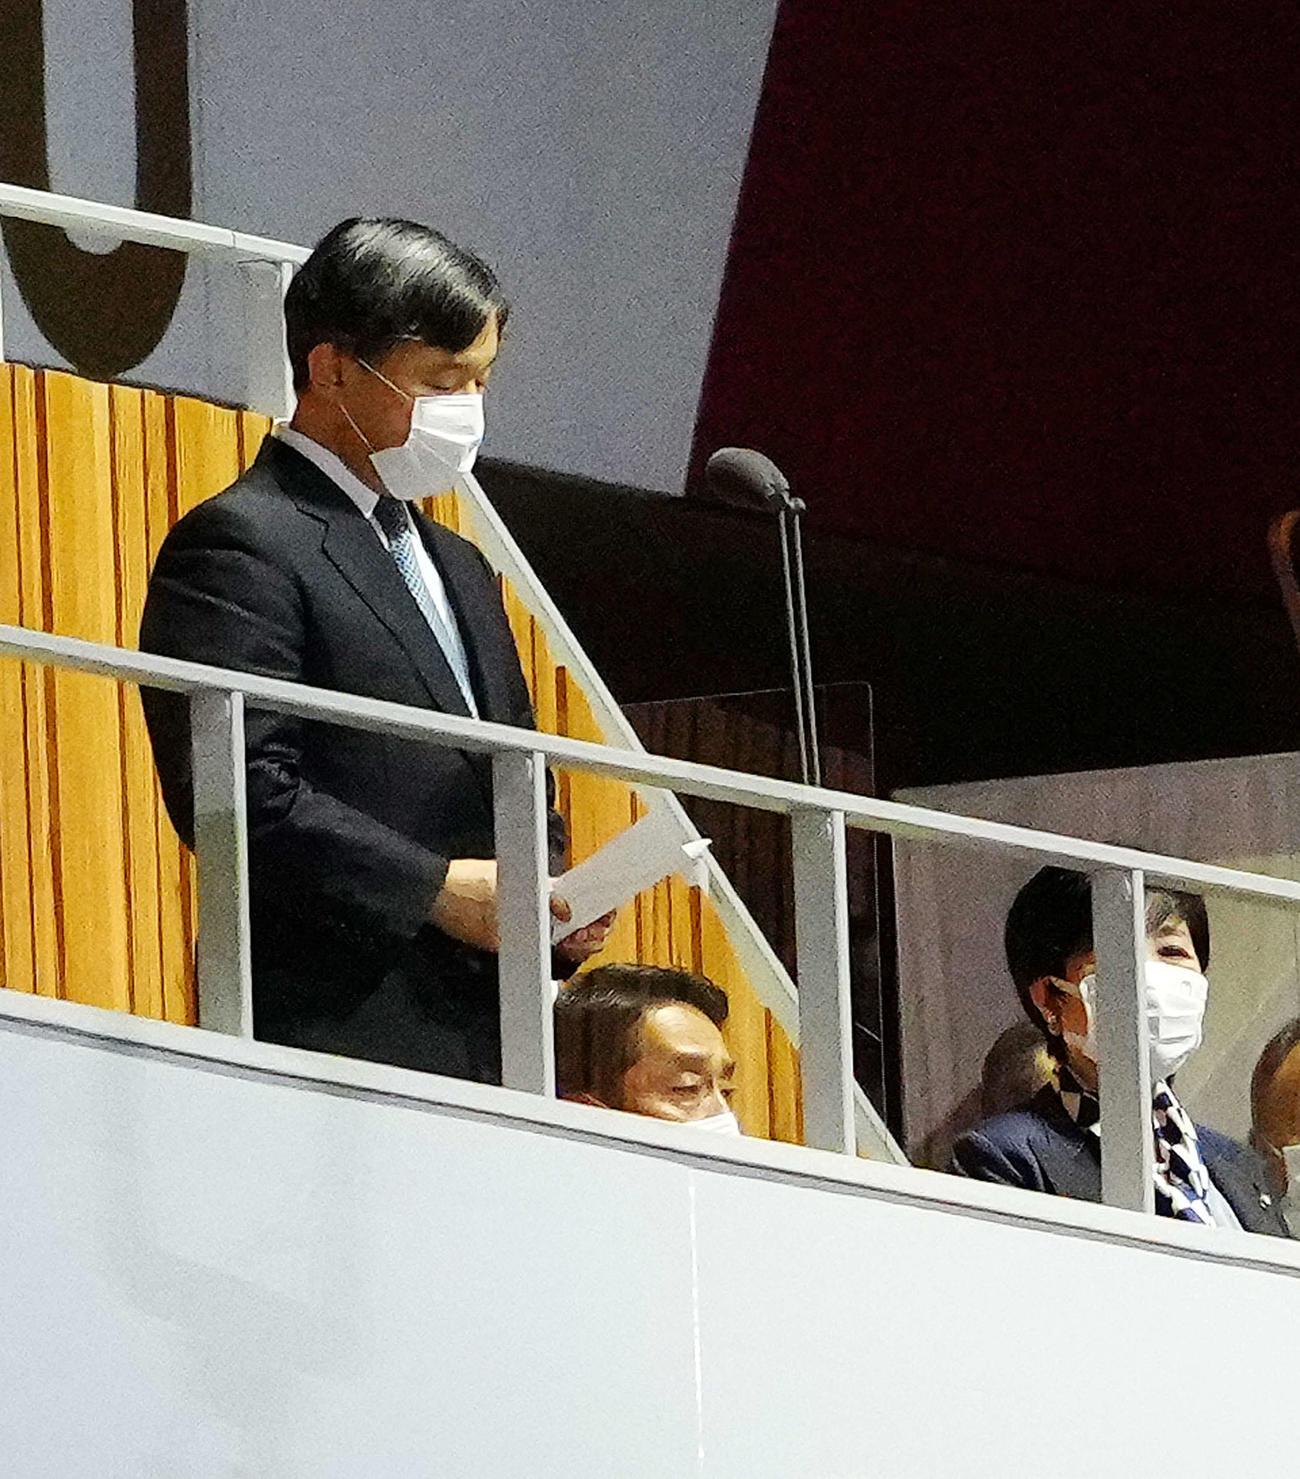 23日の東京五輪開会式で開会宣言を行う天皇陛下